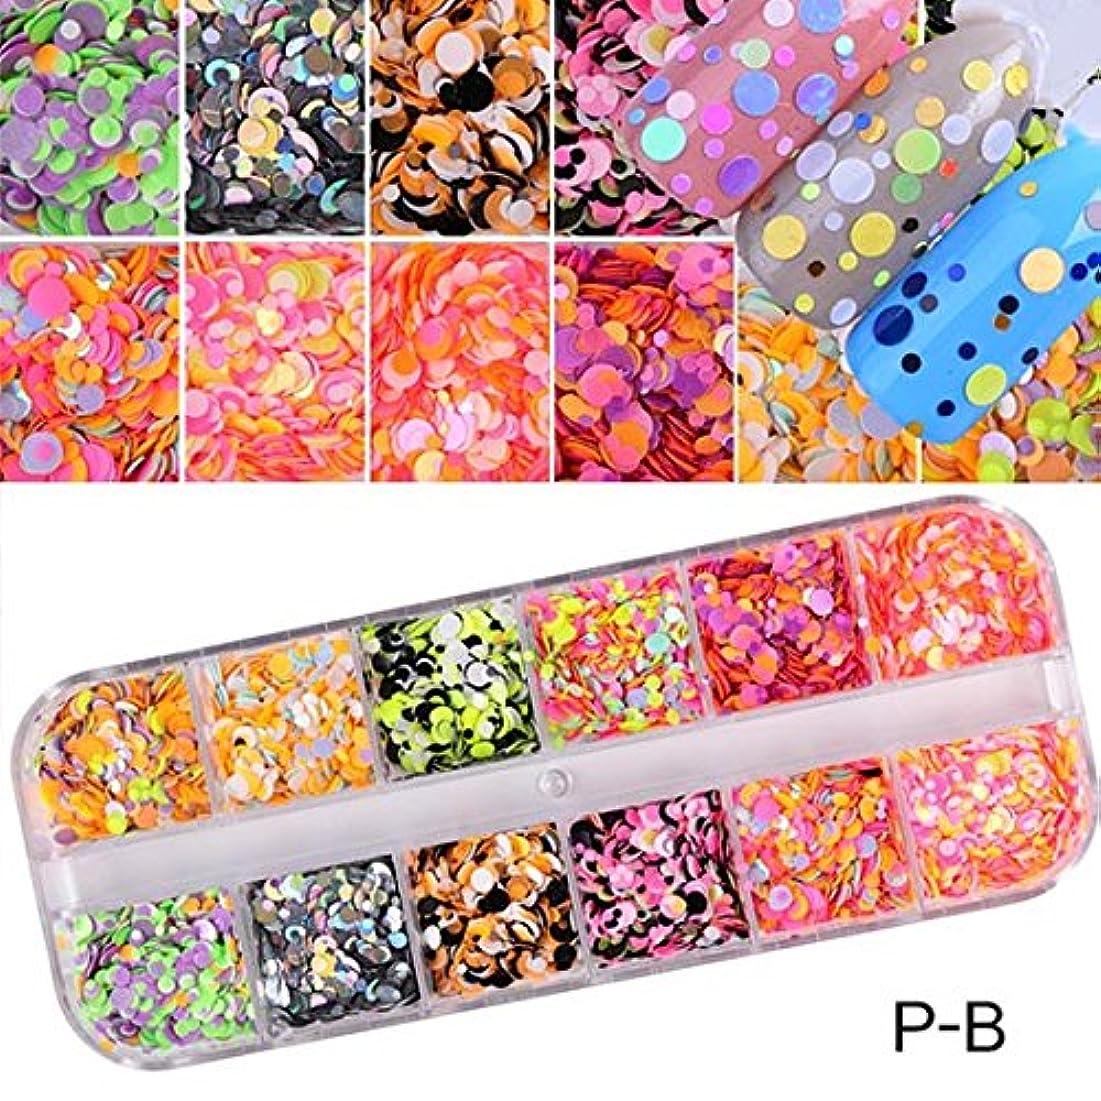 イル出会いパイル1 Set Dazzling Round Nail Glitter Sequins Dust Mixed 12 Grids 1/2/3mm DIY Charm Polish Flakes Decorations Manicure...